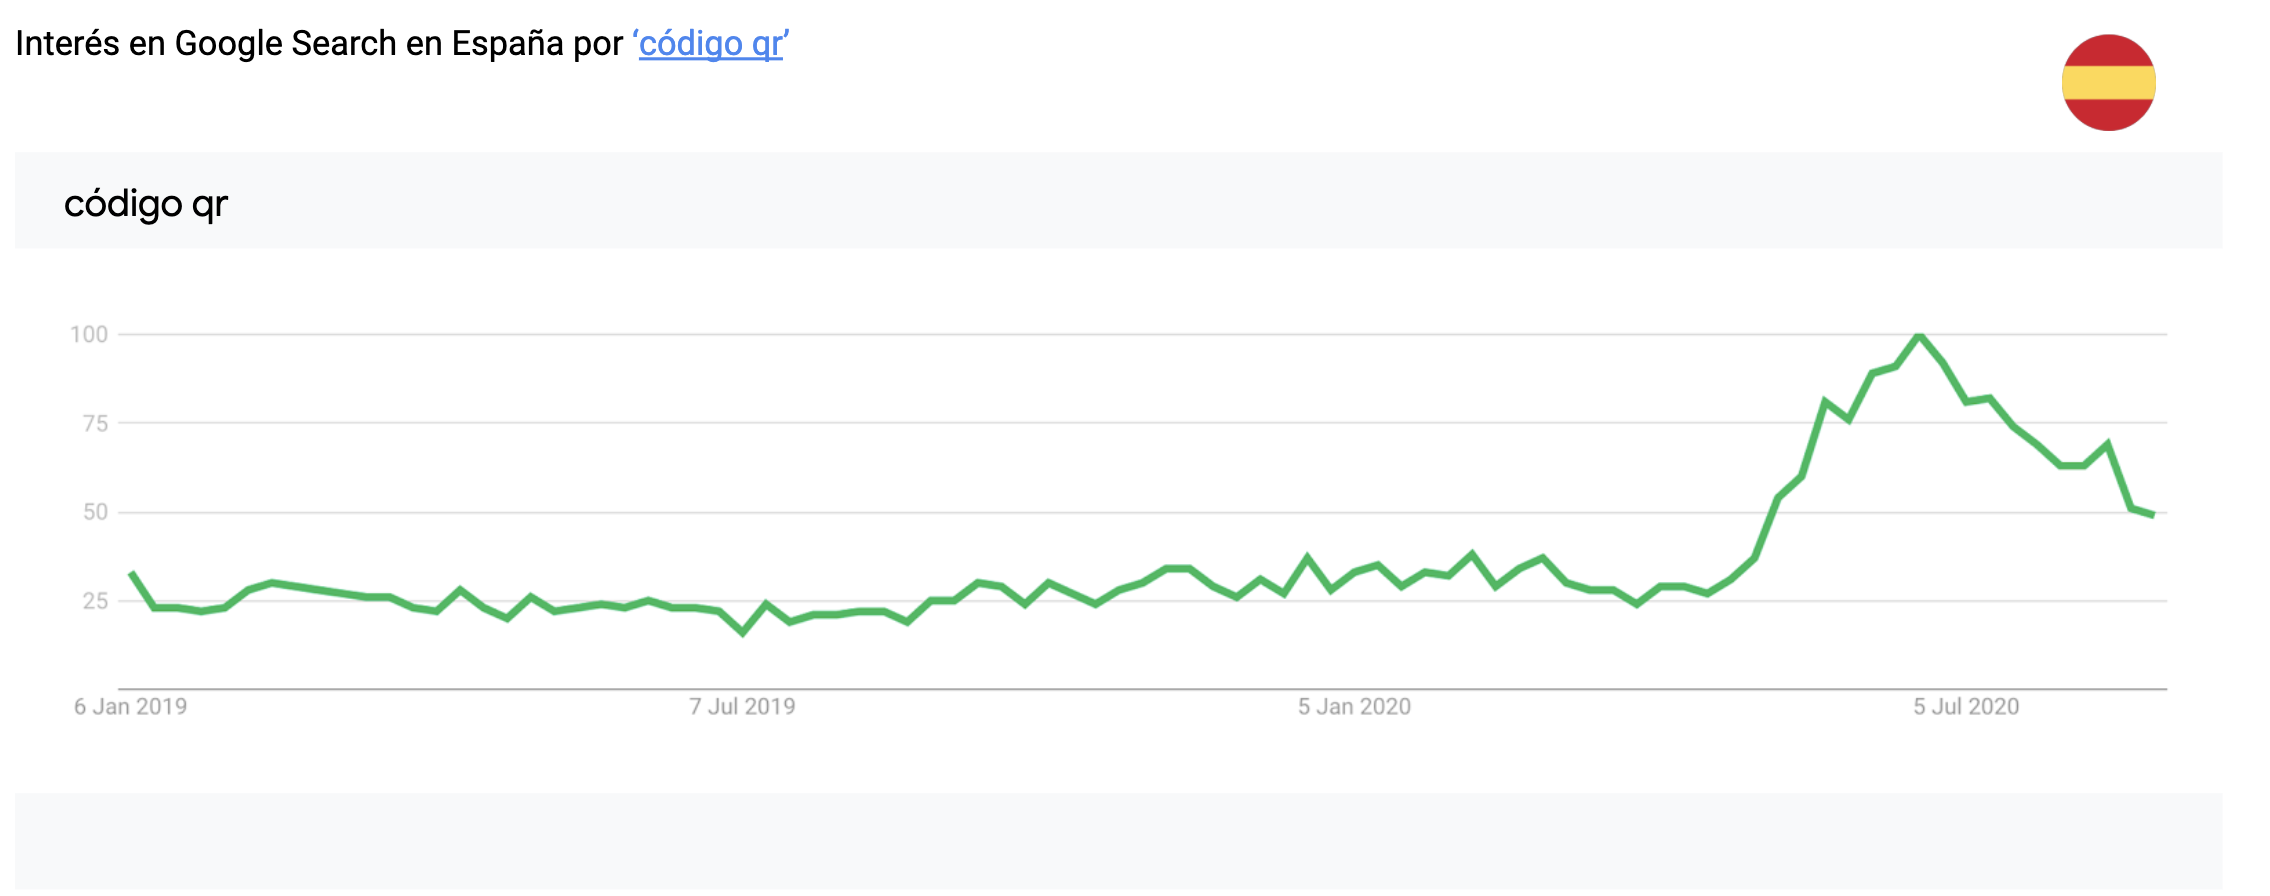 gráfico de tendencias en españa